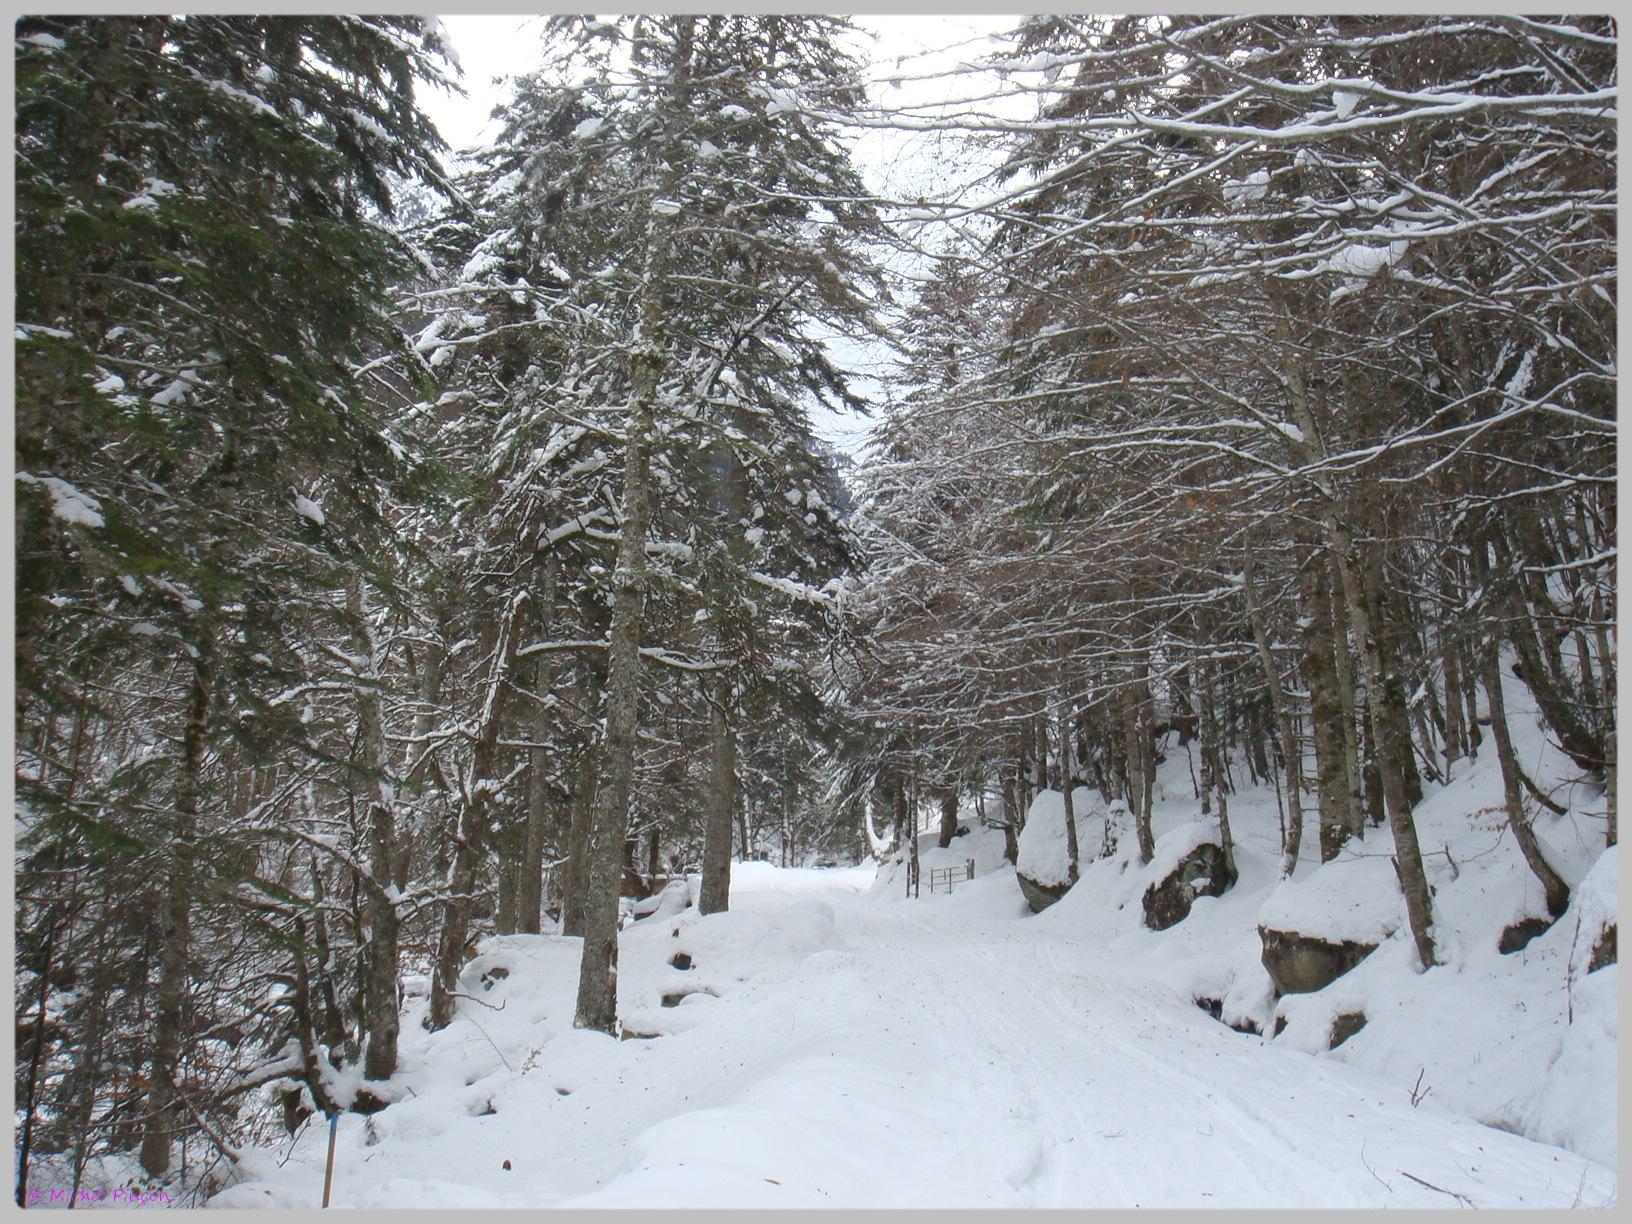 Une semaine à la Neige dans les Htes Pyrénées - Page 2 717886DSC011869